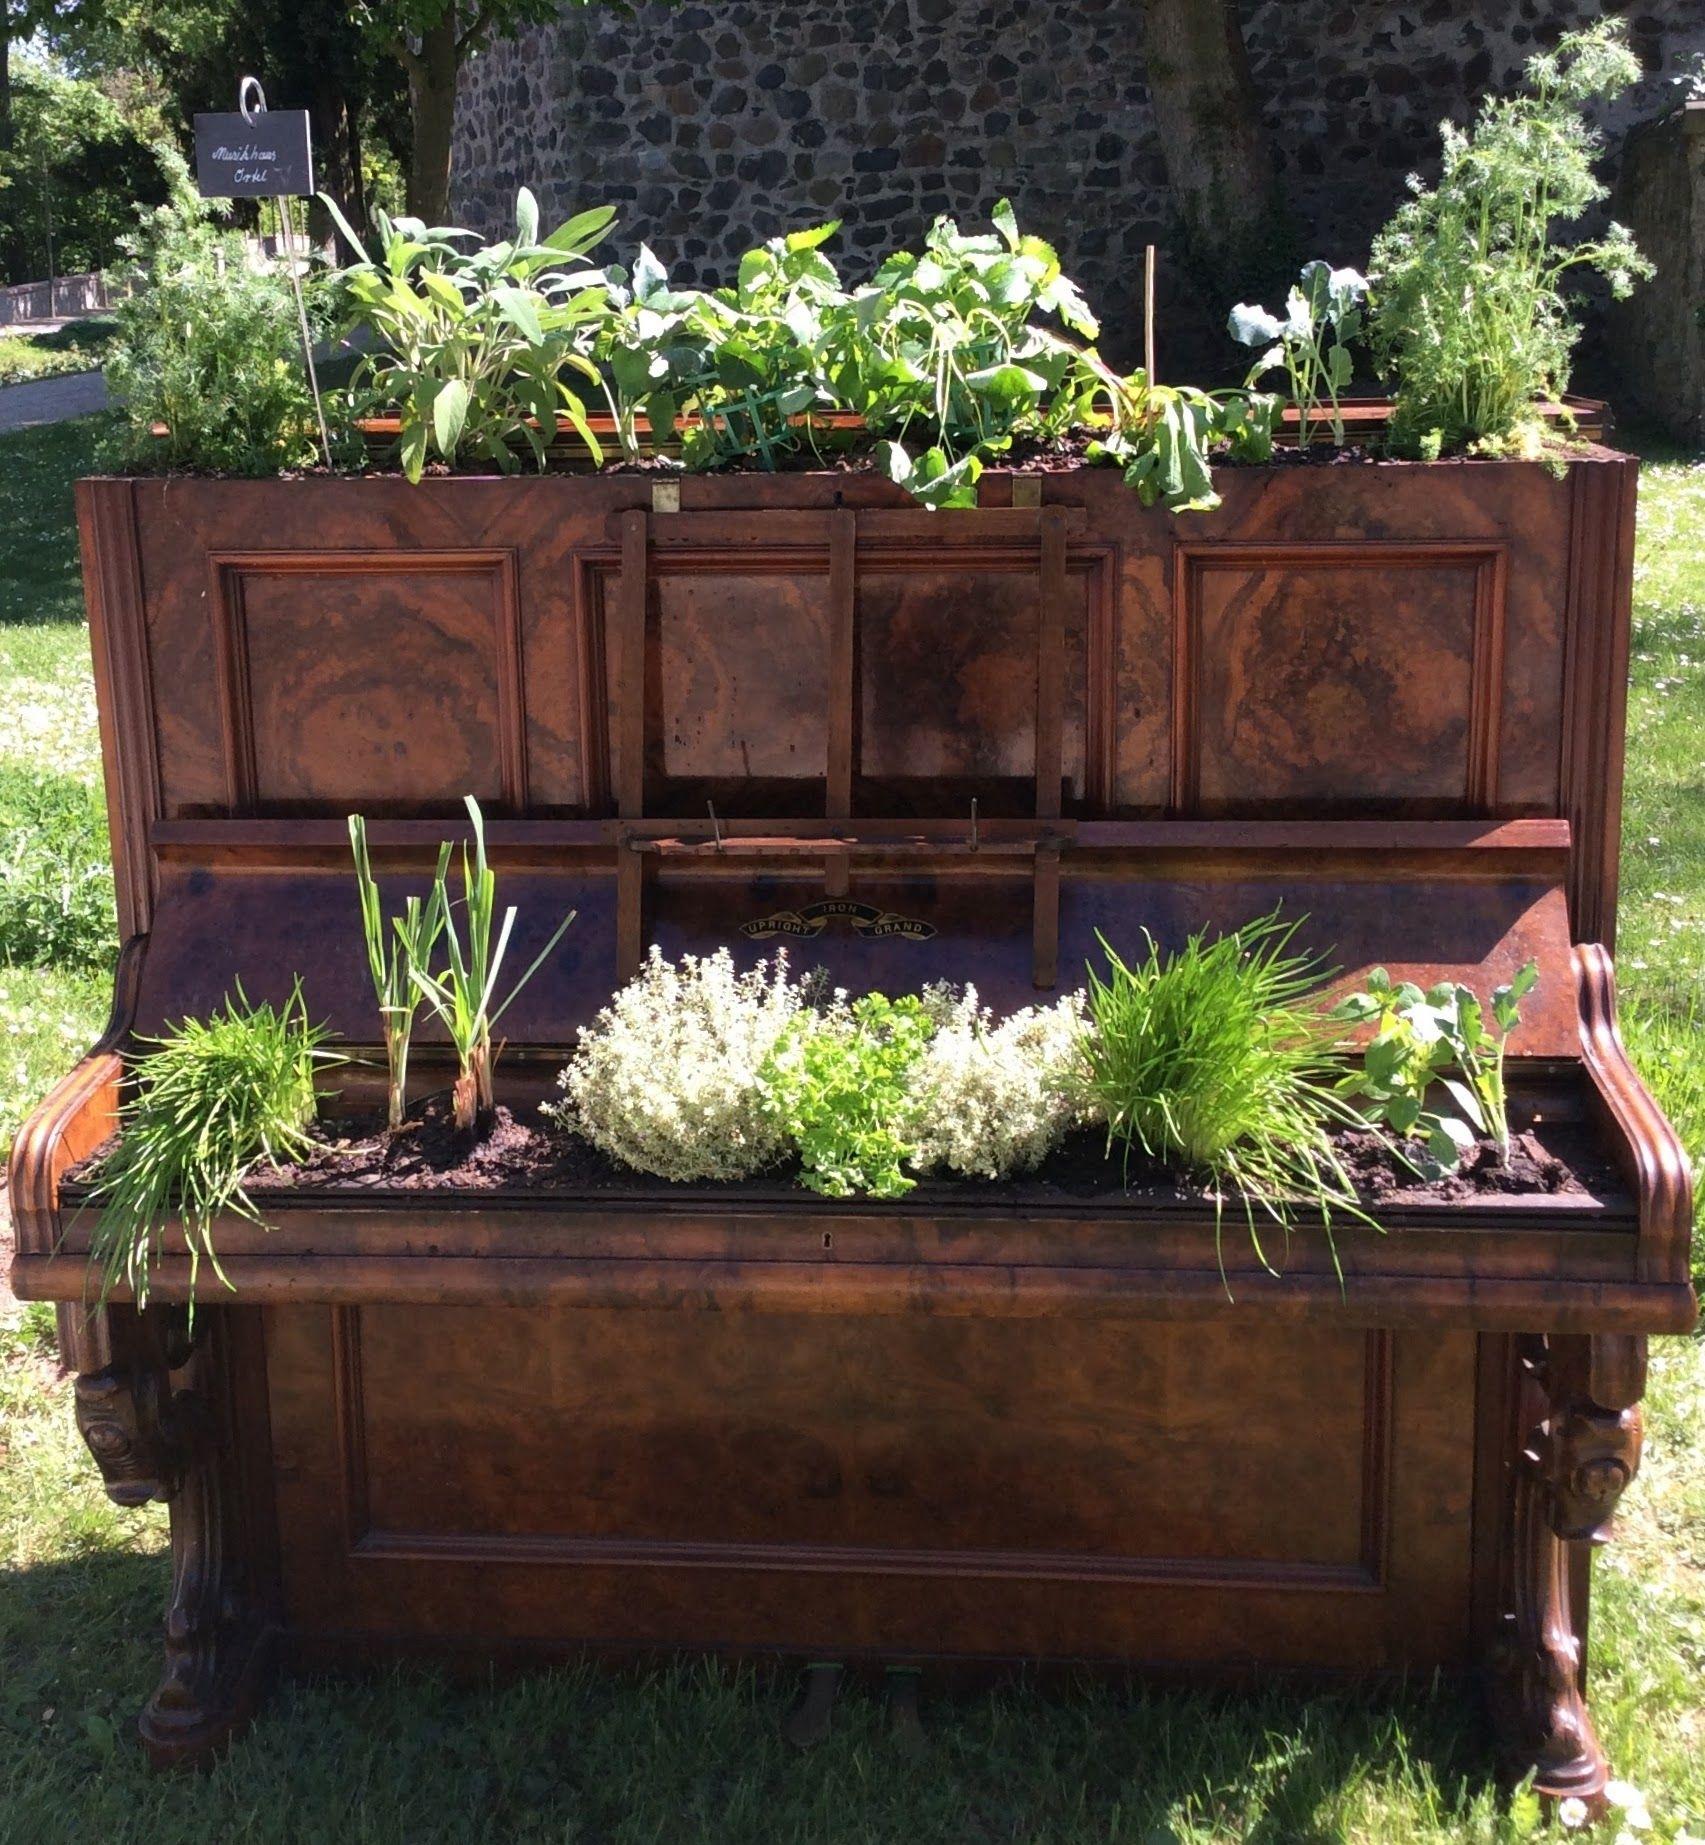 Das Musikhaus Ortel Hat Ein Ausrangiertes Klavier Zum Hochbeet Fur Kuchenkrauter Umgebaut Klavier Dekoration Gartencontainer Hochbeet